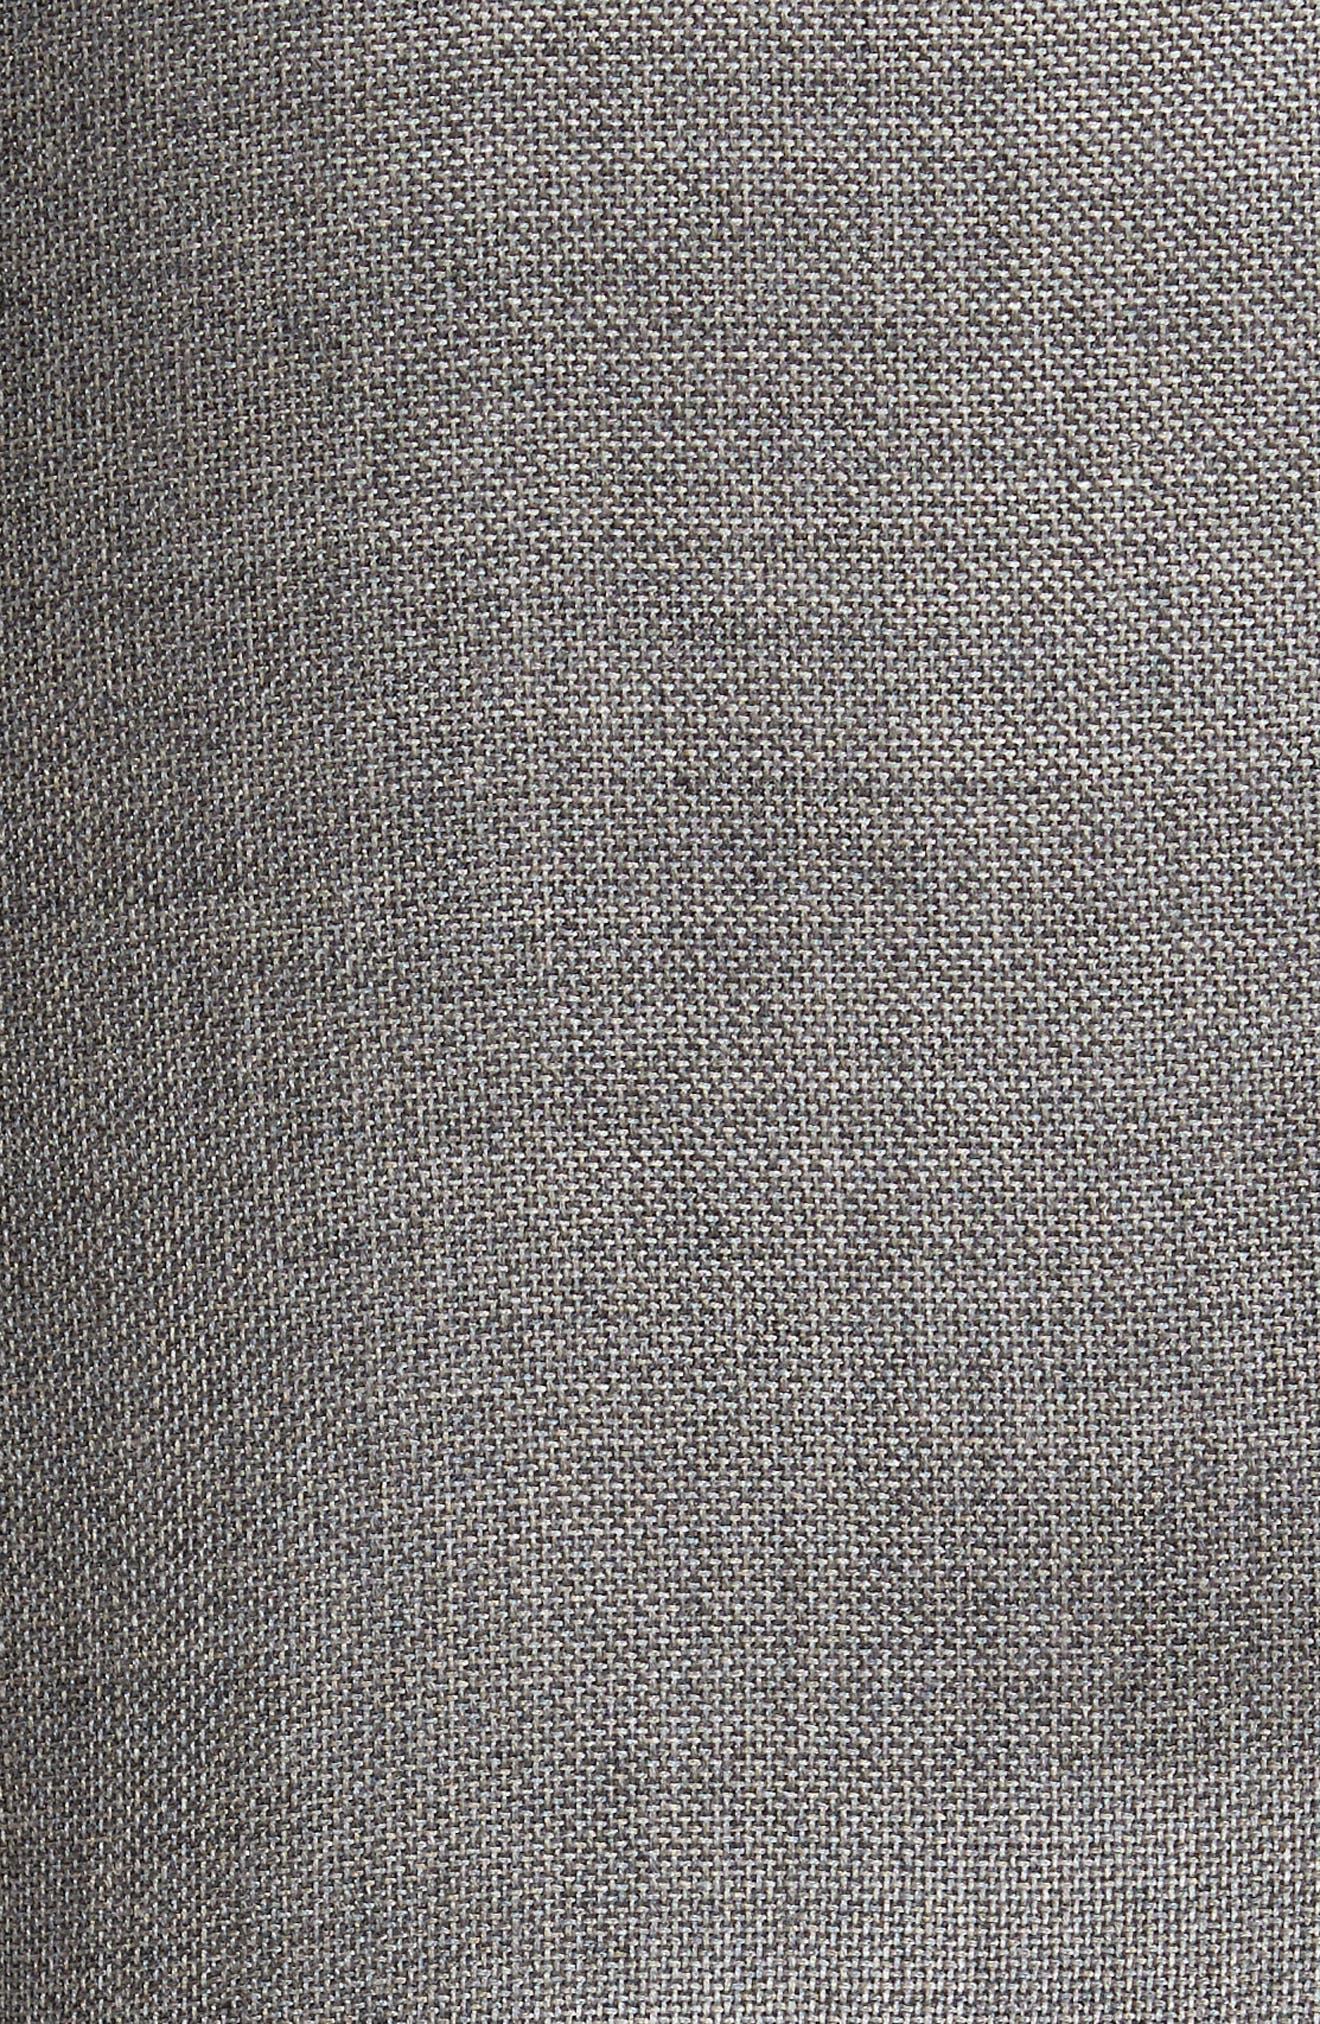 Trim Fit Cashmere & Silk Blazer,                             Alternate thumbnail 6, color,                             030